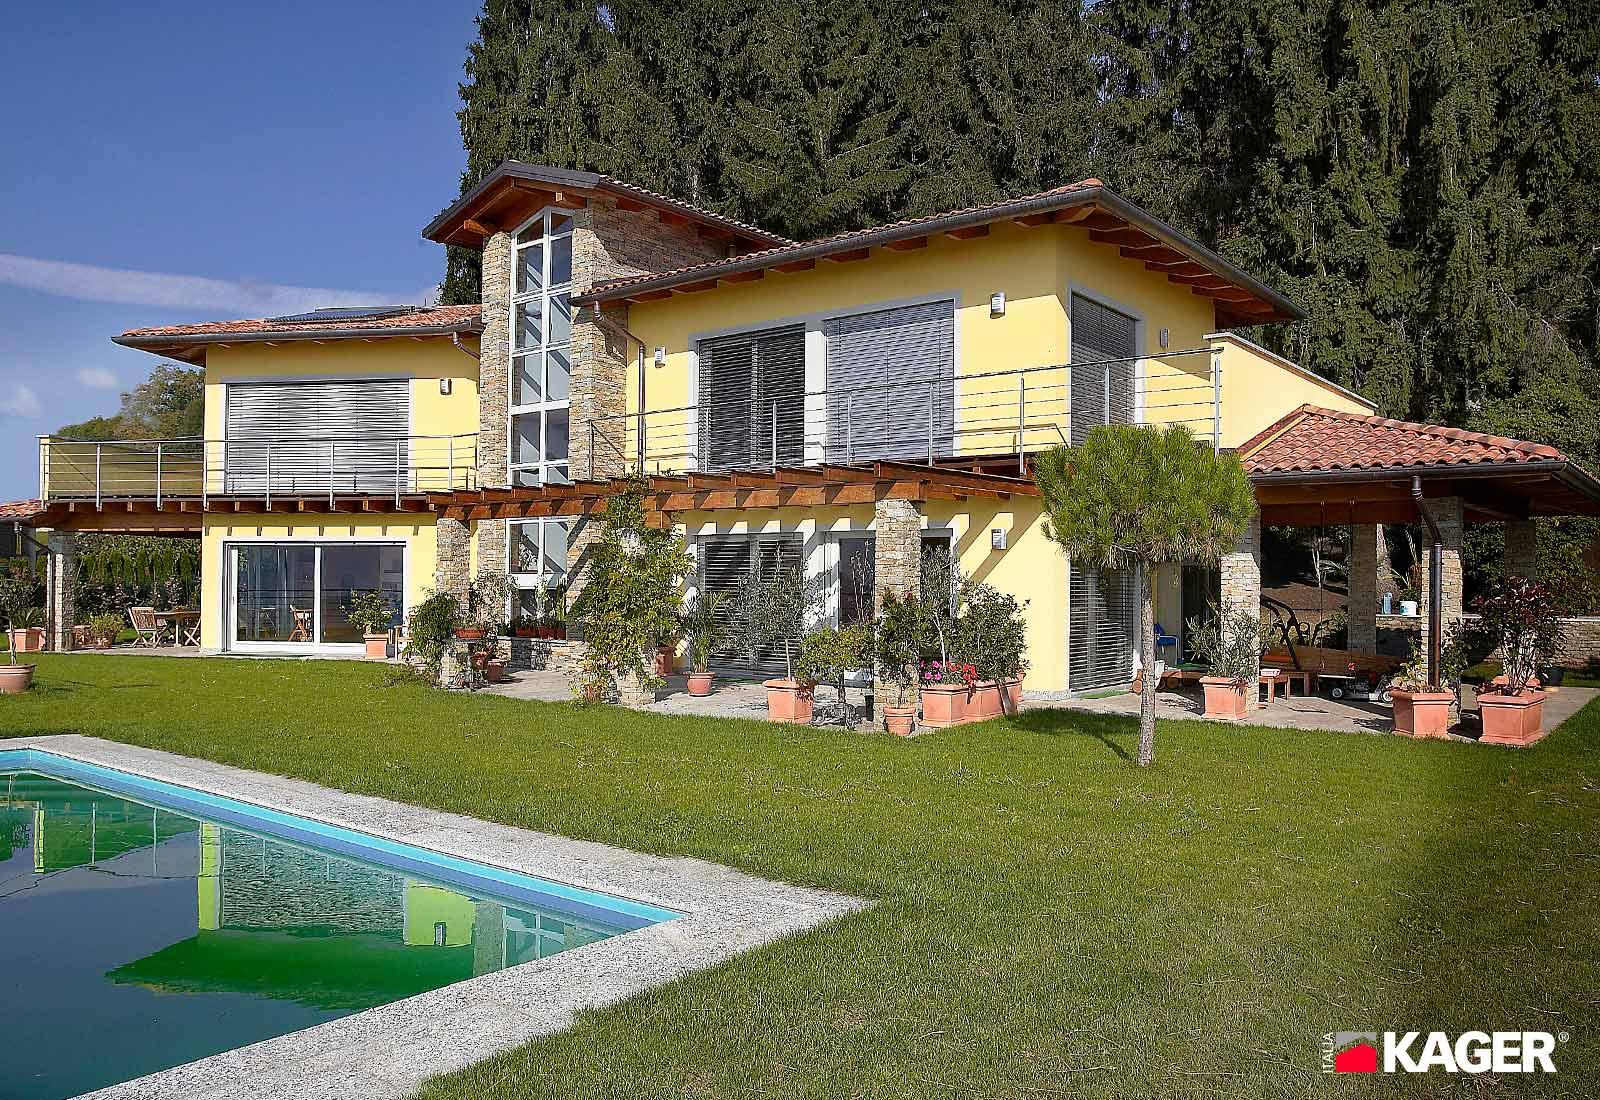 Casa-in-legno-Verbania-Kager-Italia-01